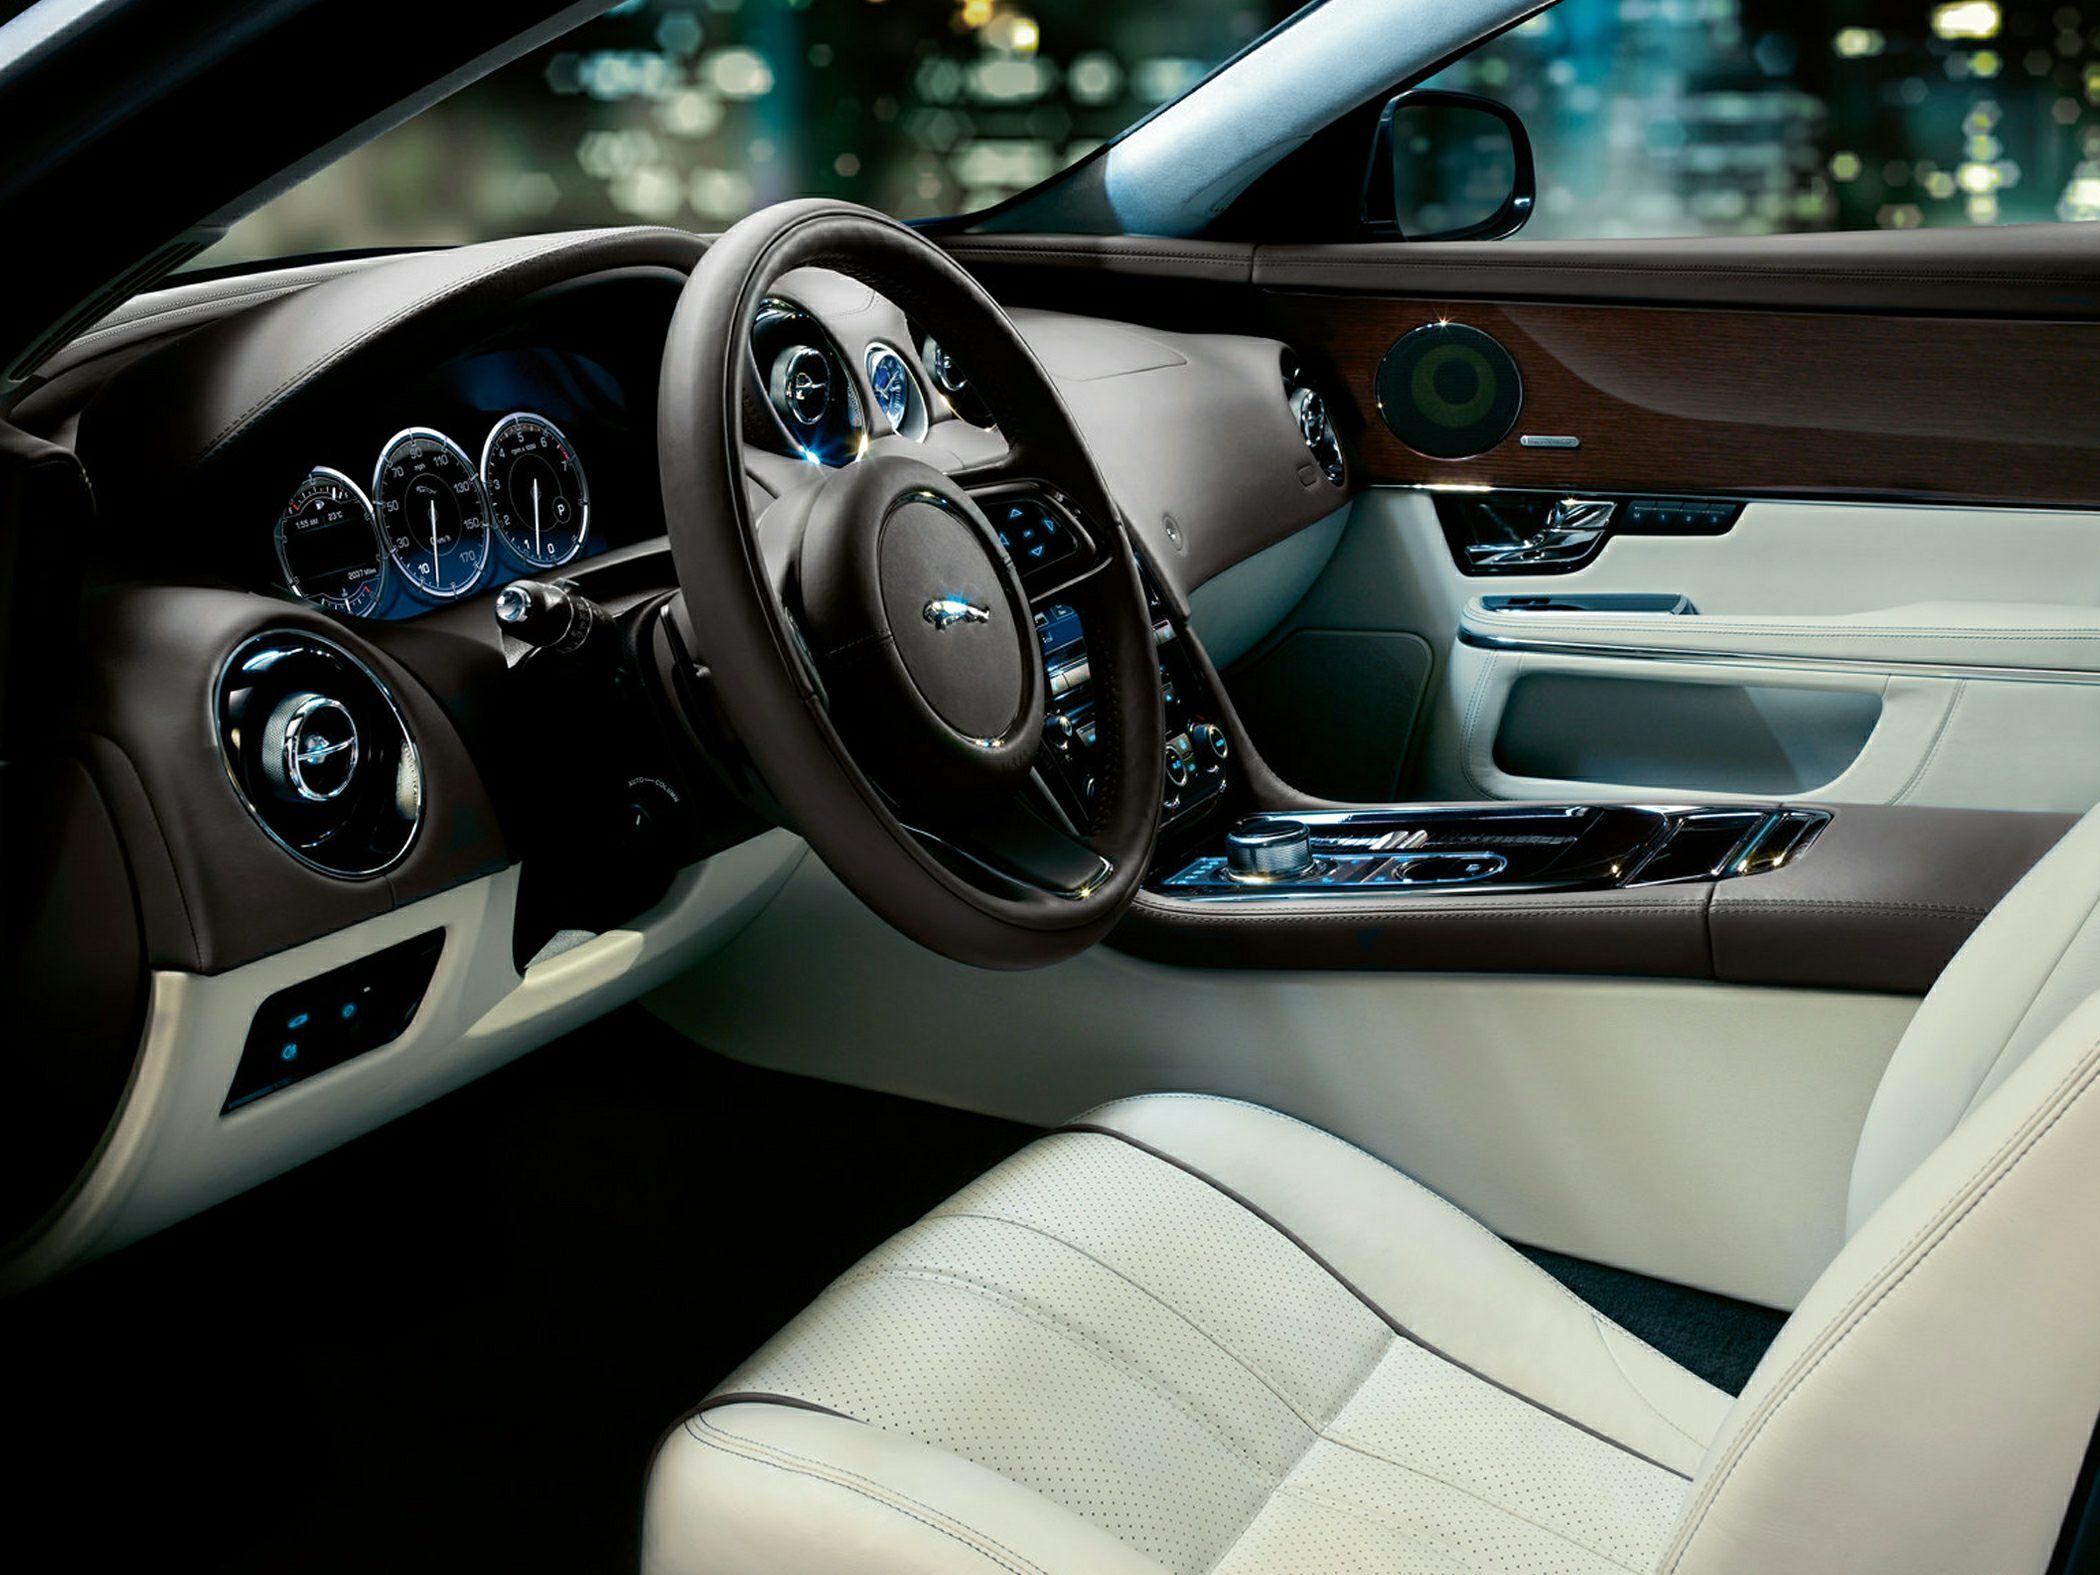 Jaguar XJR IV (X351) 2013 - 2015 Sedan #8